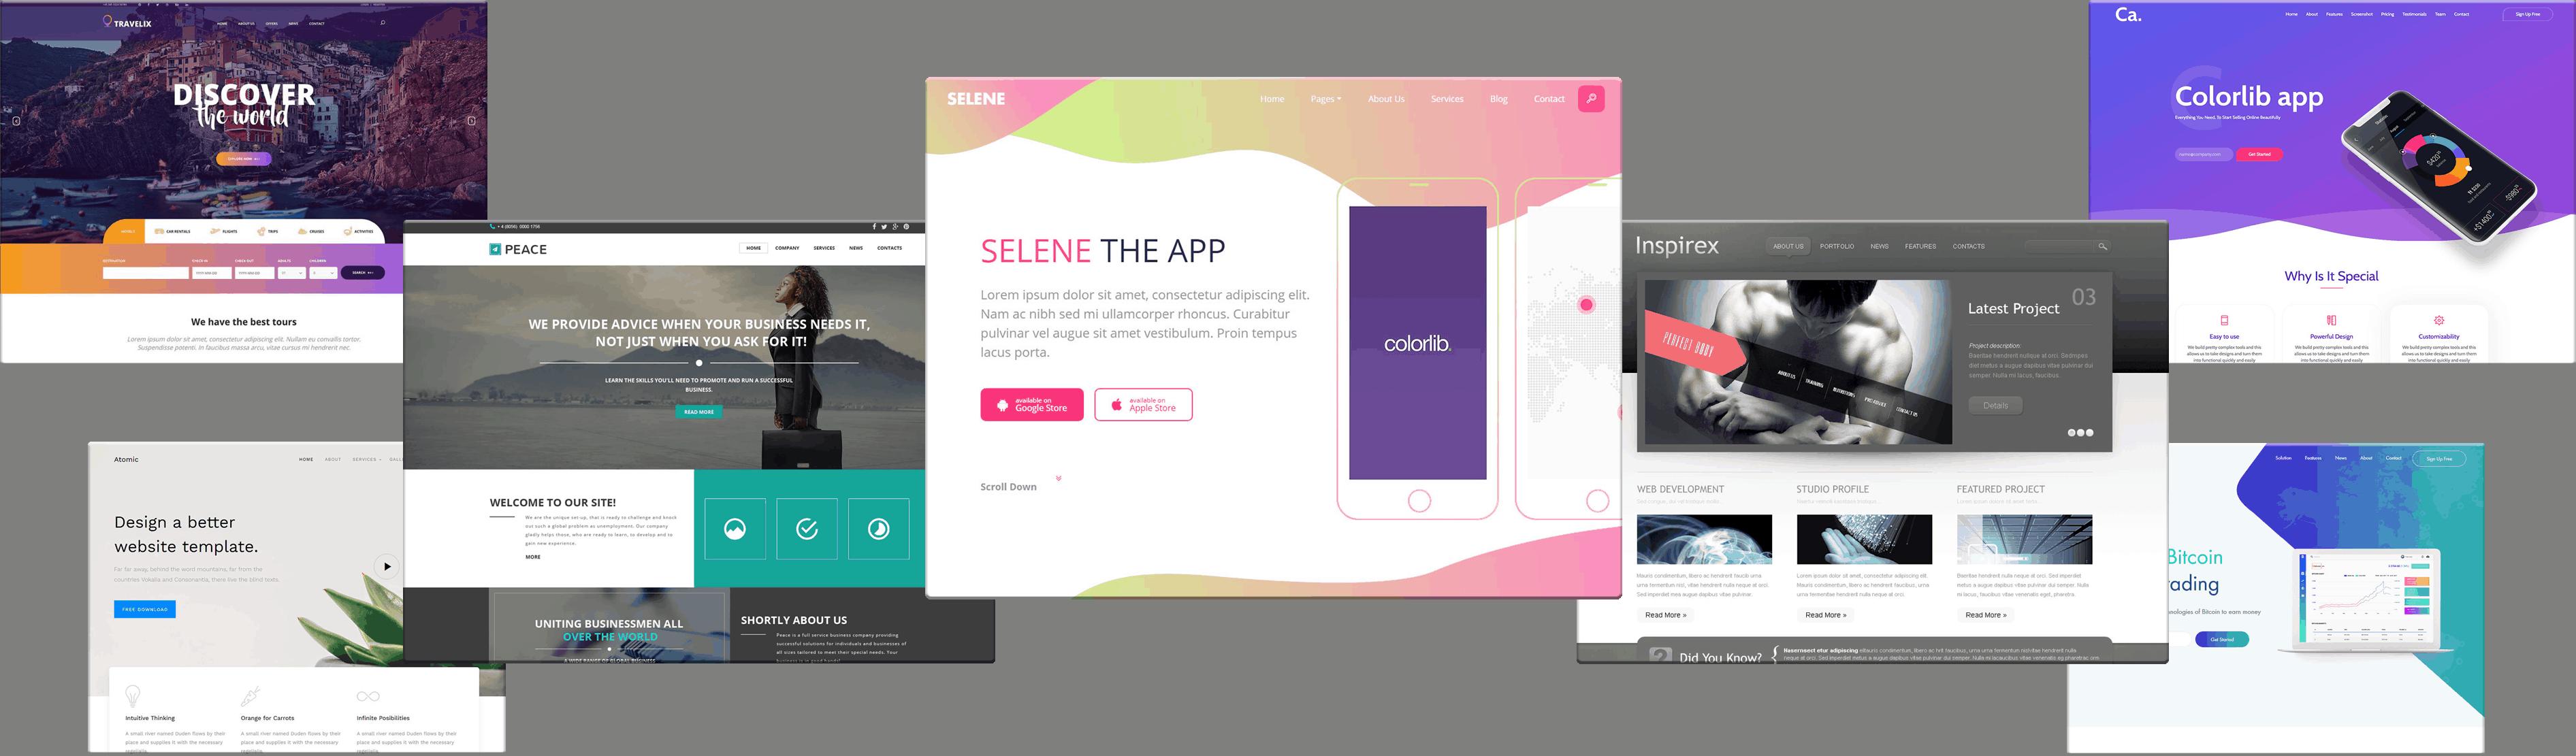 BLOG2WEB - Agencia de diseño web para tu empresa. Imagen 02.